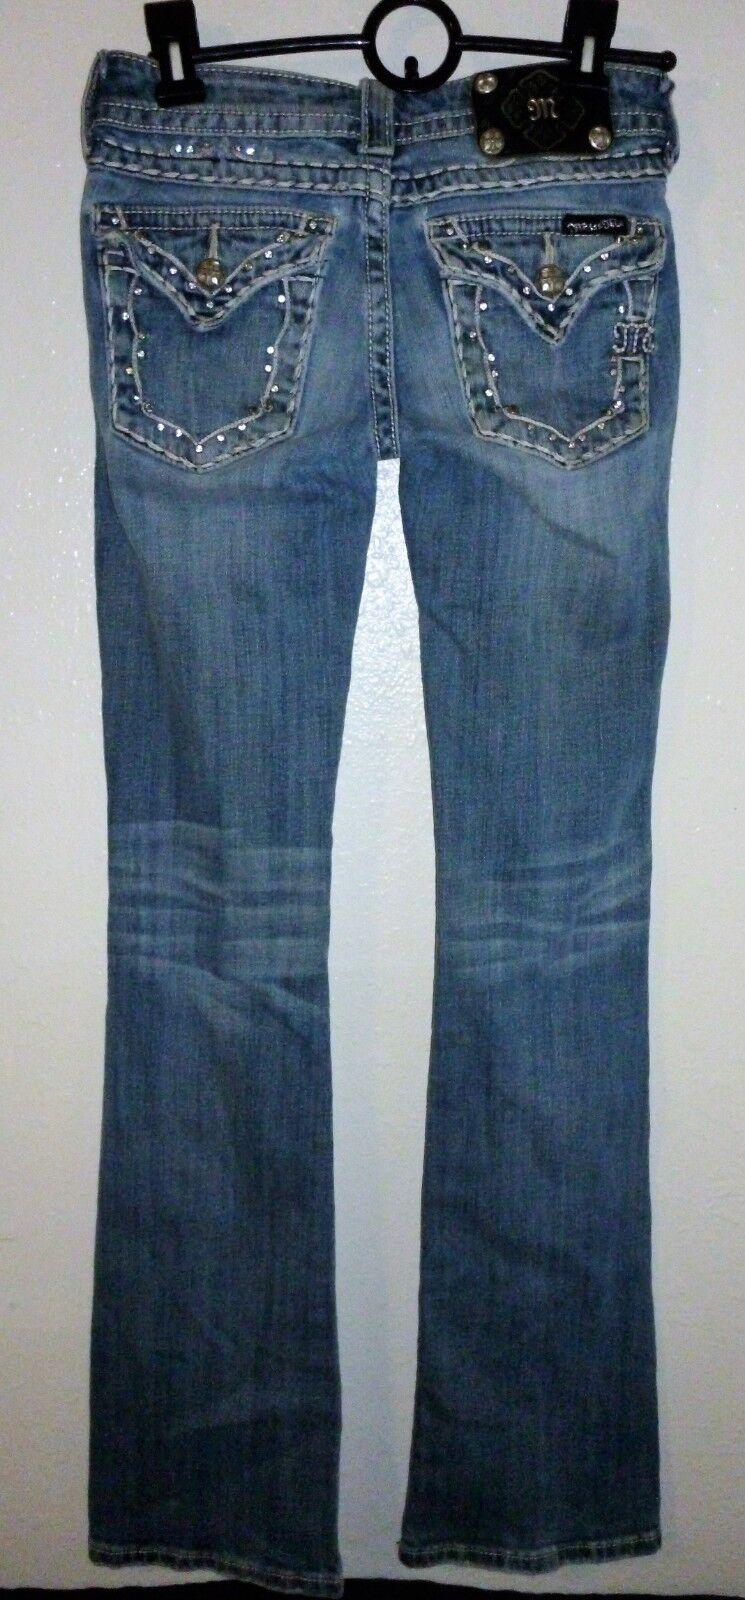 Miss Me JP512413B3L Boot Cut Jeans Light Wash Low Rise Sz 24 W 28  x 33  Inseam